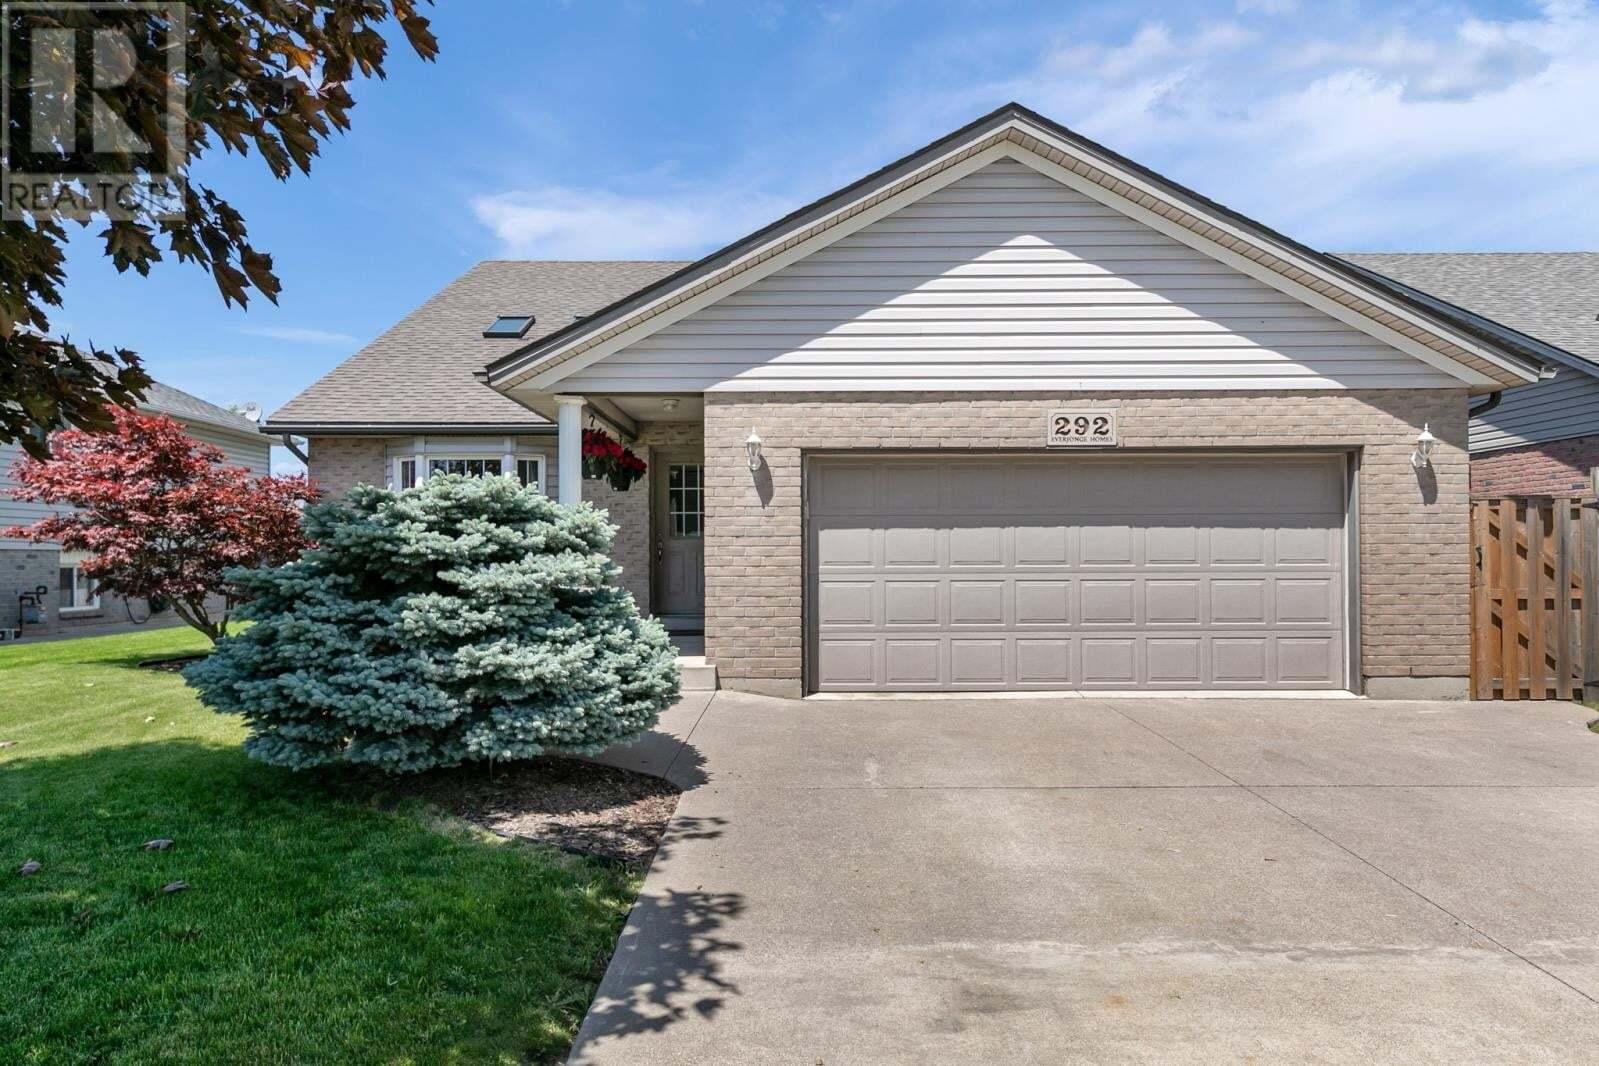 House for sale at 292 Mclellan  Amherstburg Ontario - MLS: 20006308